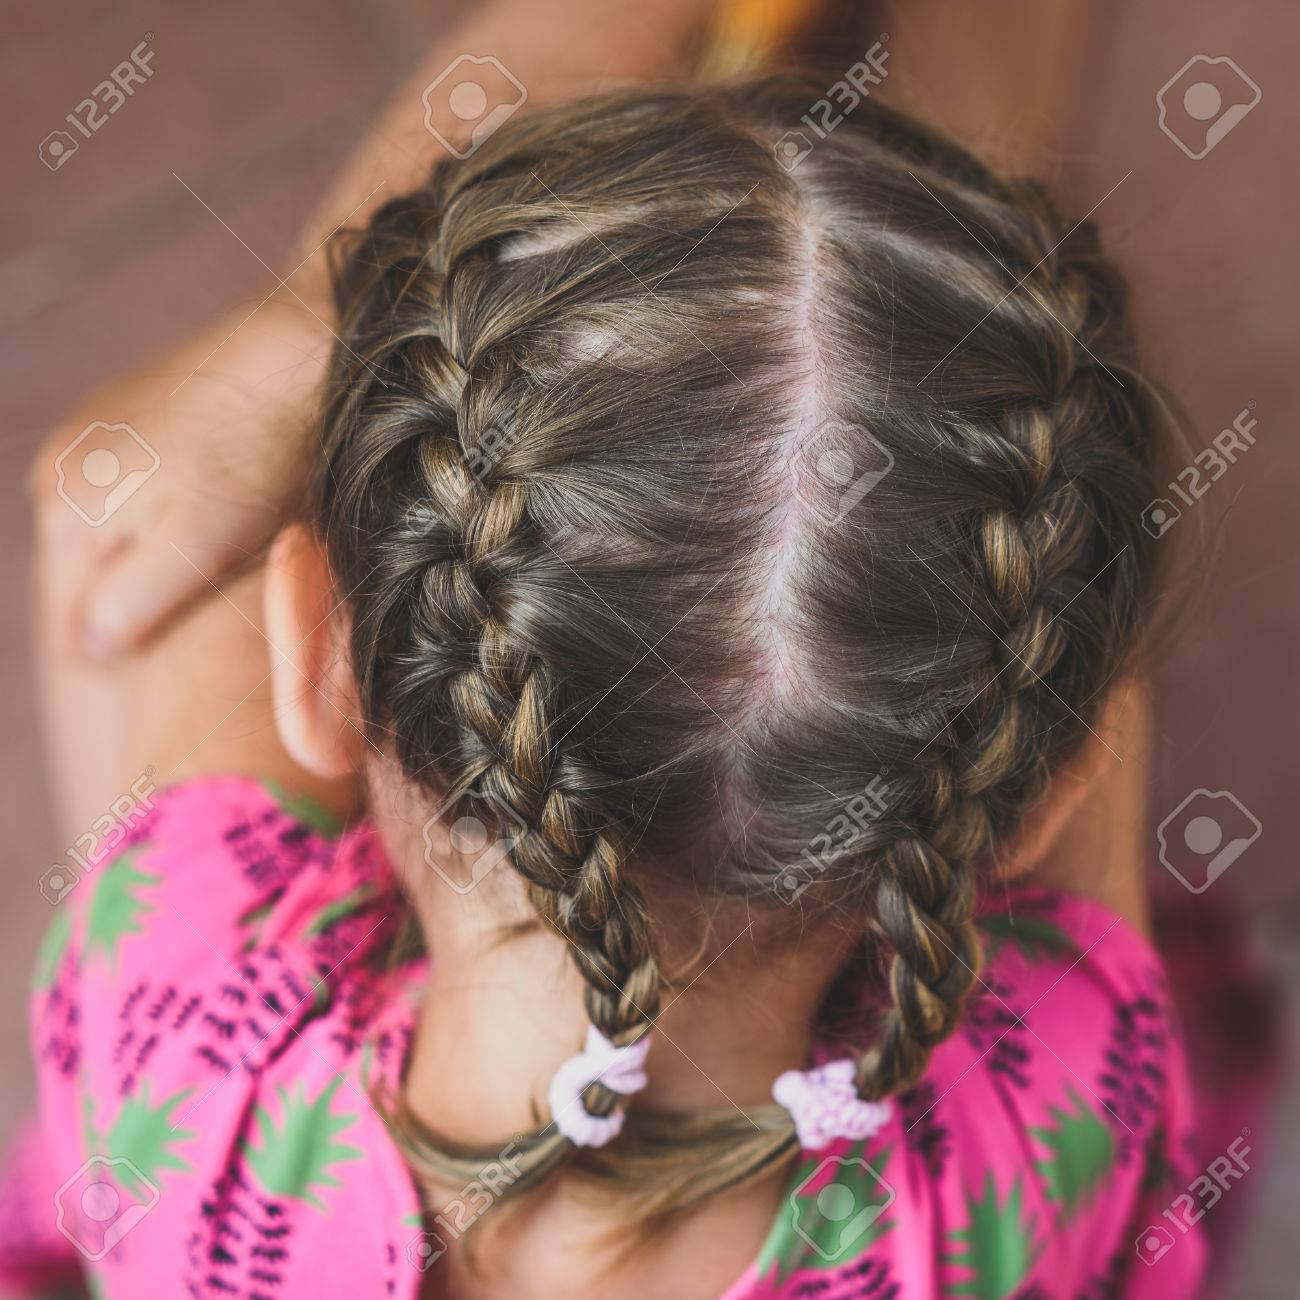 Archivio Fotografico , Trecce sulla testa della bambina. Giovane donna con  i capelli intrecciati è seduto in abito rosa con i capelli fatta in due  trecce